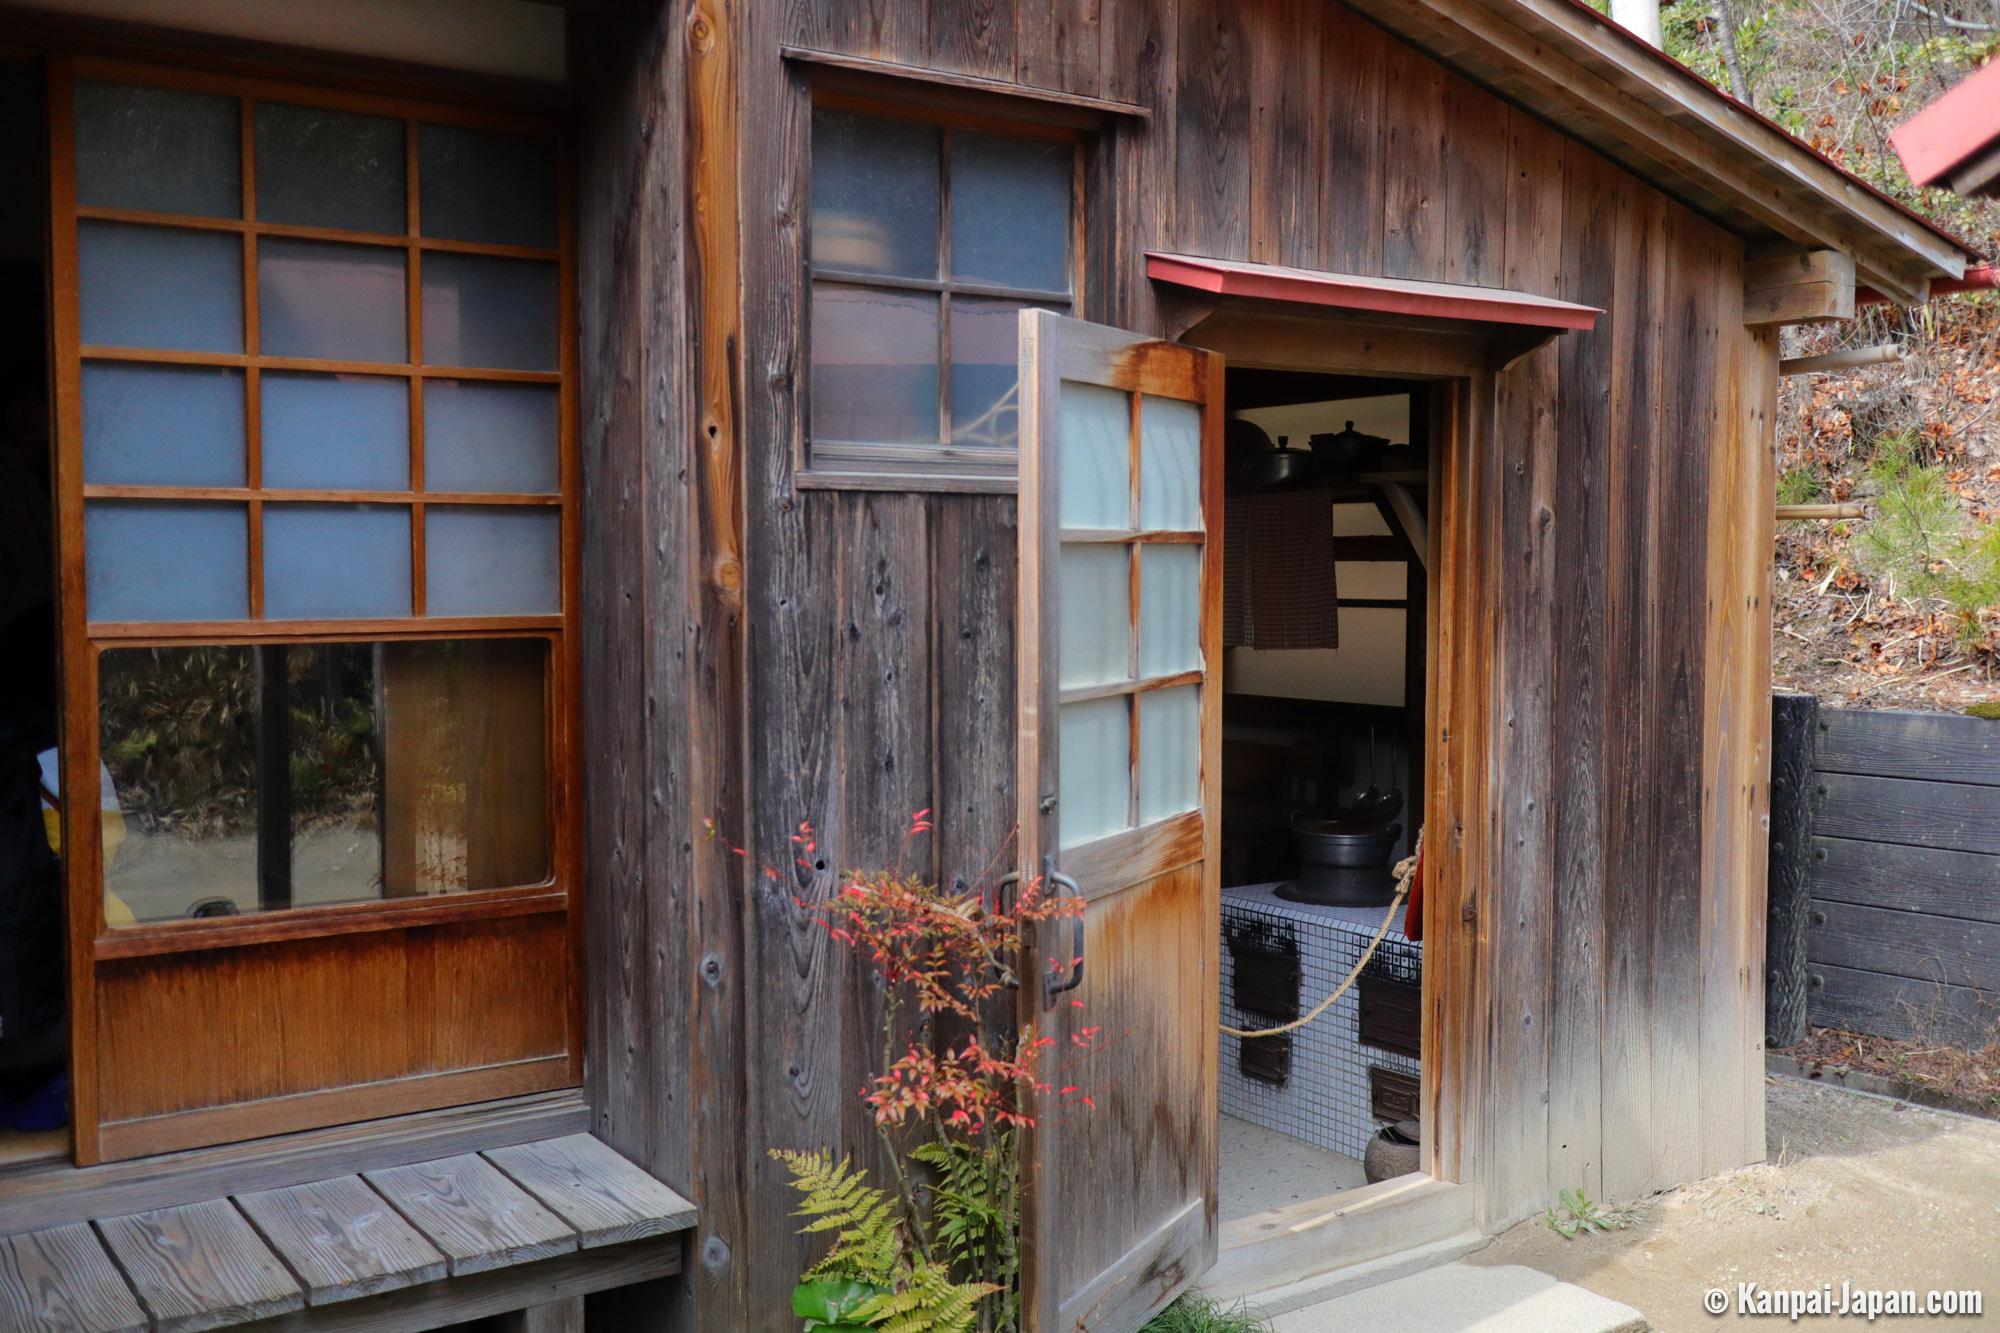 Lạc đến những địa điểm tuyệt đẹp trong Anime có thể tìm thấy ngoài đời thực - Ảnh 15.